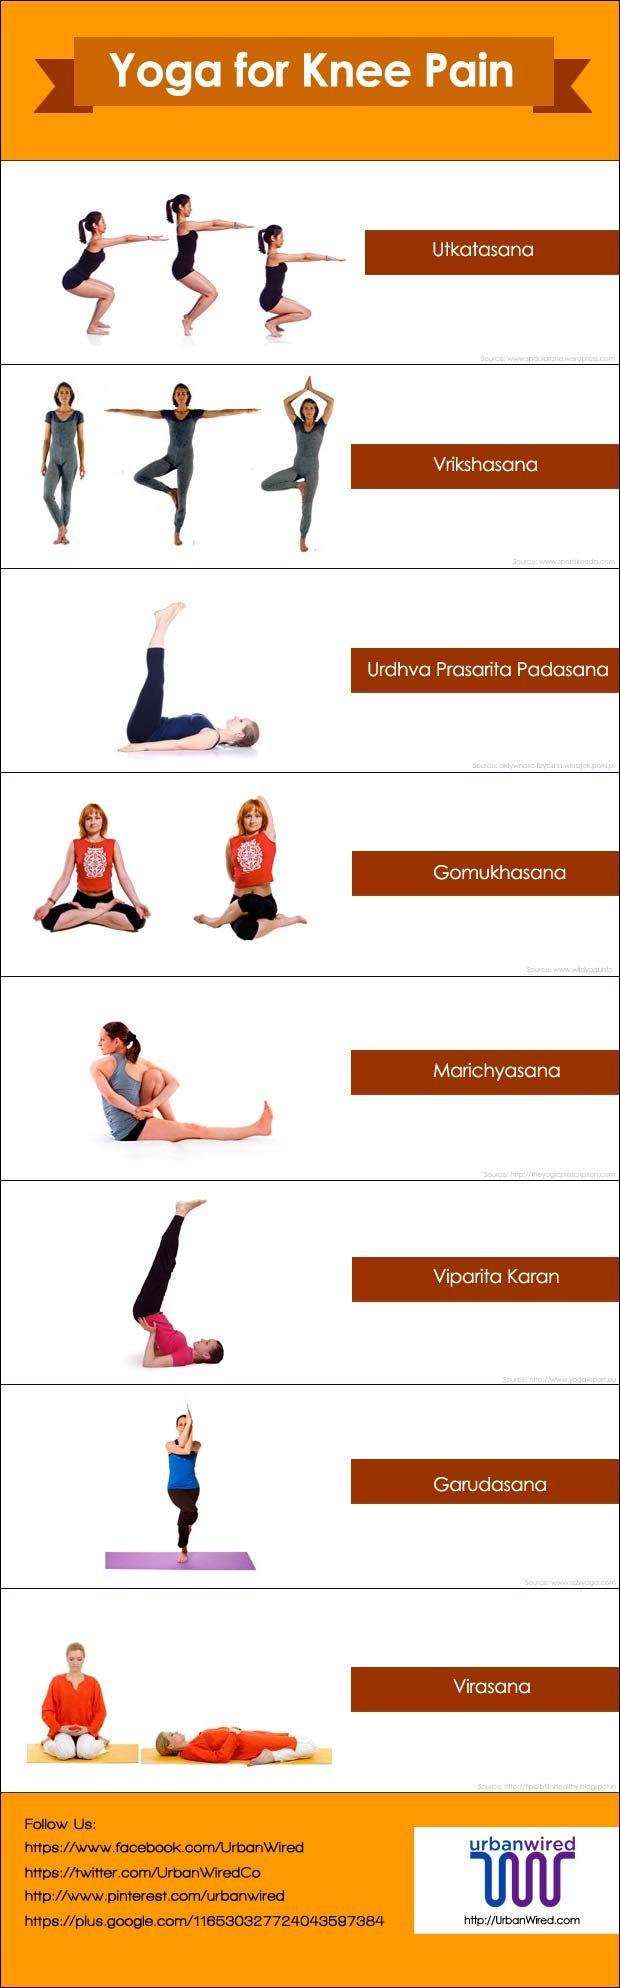 Yoga chair yoga fitness on pinterest chair yoga chair exercises - 1f2a60da65c5d493b95370840841ae20 Jpg